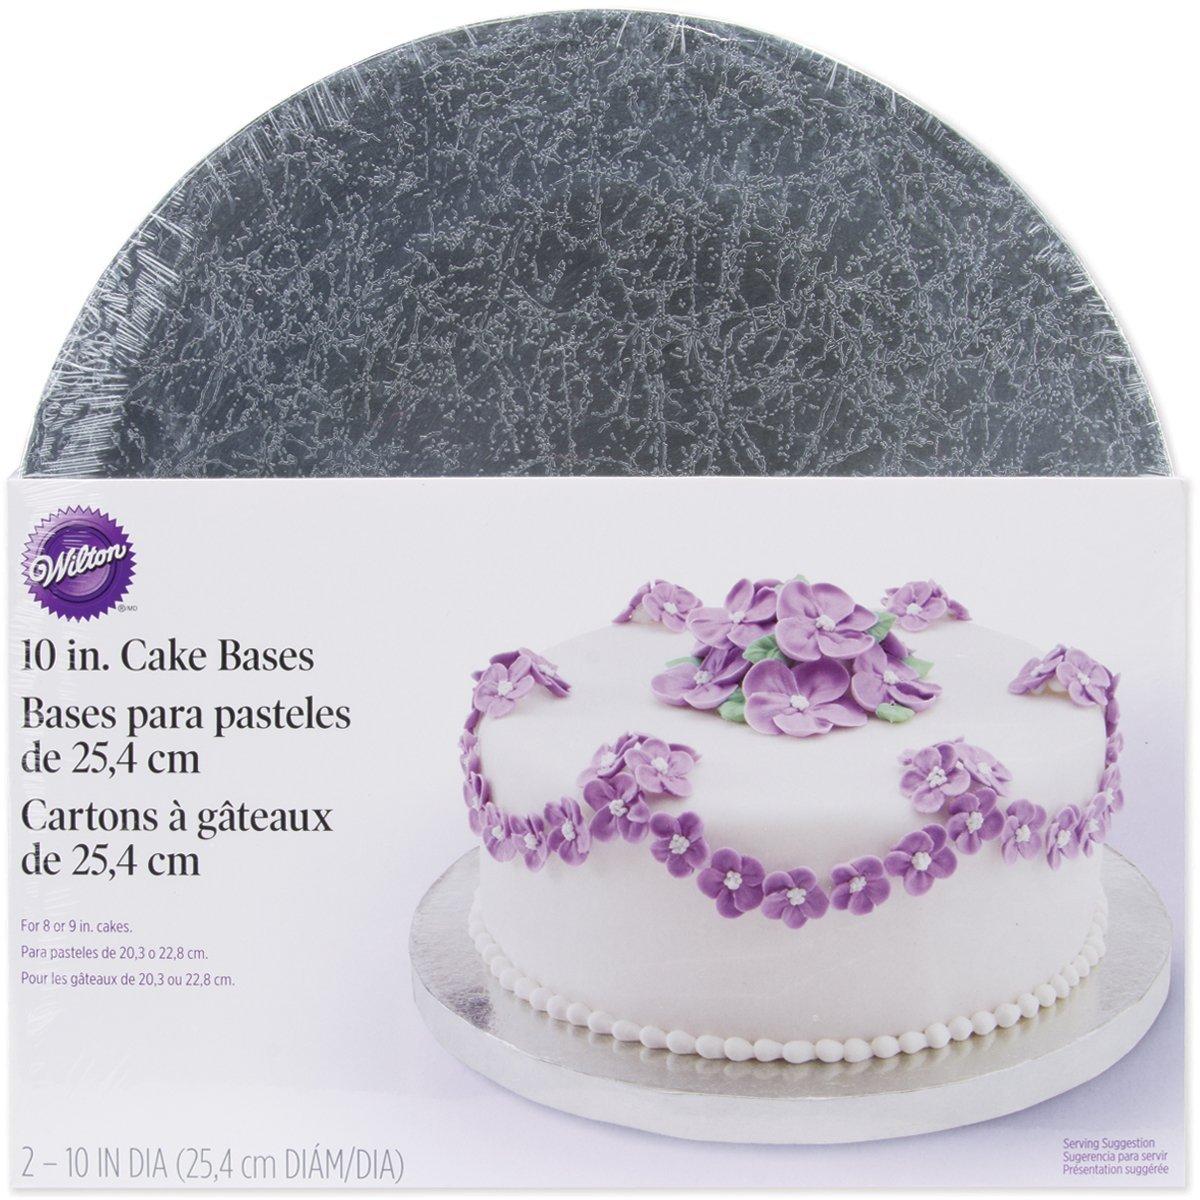 Набор подставок для торта Wilton, диаметр 25,4 см, 2 штWLT-2104-1187Набор Wilton включает две круглые подставки для торта, выполненные из гофрокартона сжироустойчивымпокрытием. Подставки достаточно надежные, чтобы выдержать довольно тяжелый торт сбольшим количествомукрашений. Идеальны для любых видов тортов. Диаметр подставок идеален, чтобы украситьторт по краюкремовыми жемчужинами или ленточками. С такими подставками вы всегда сможете красиво оформить вашу выпечку. Диаметр подставки: 25,4 см.Толщина подставки: 1,5 см.